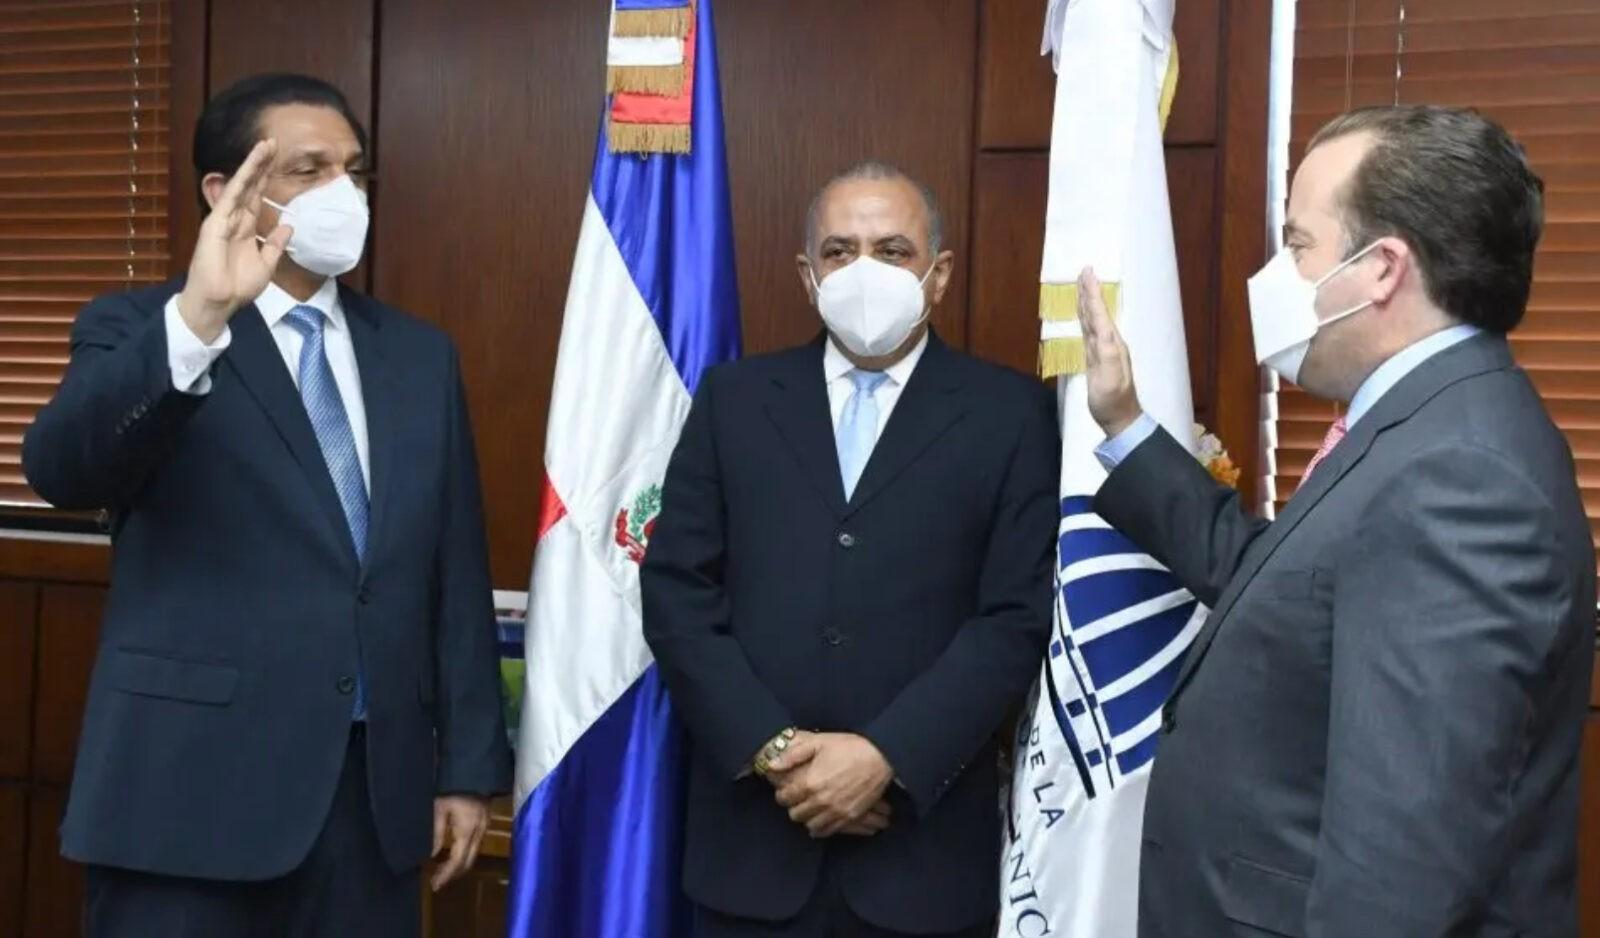 Paliza juramenta a Daniel Rivera como nuevo ministro de Salud Pública